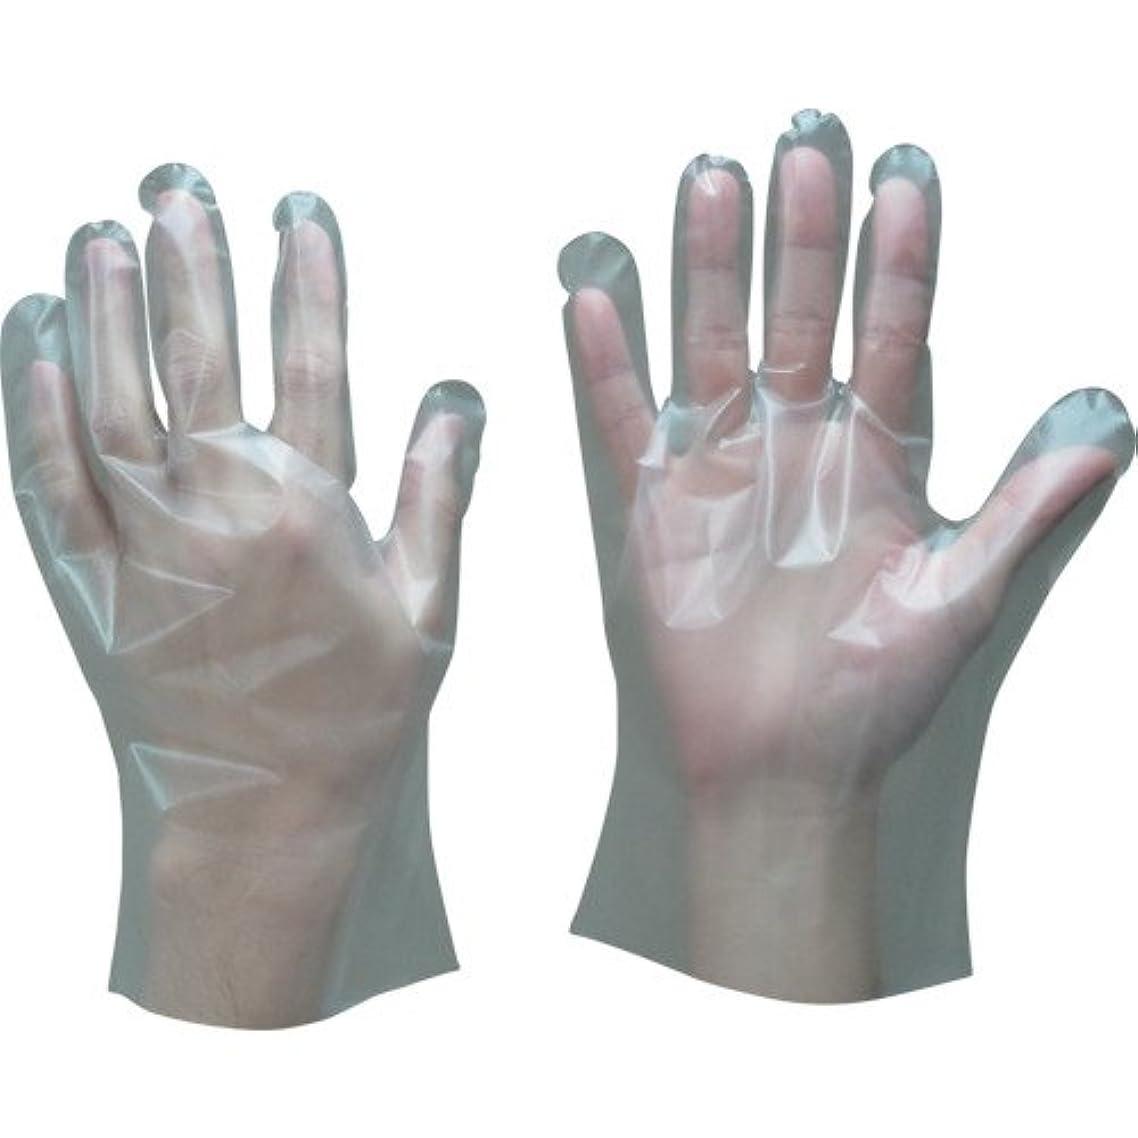 息切れコショウ学習株 東和コーポレーション トワロン ポリエチレン手袋内エンボス 100枚入 M 409-M